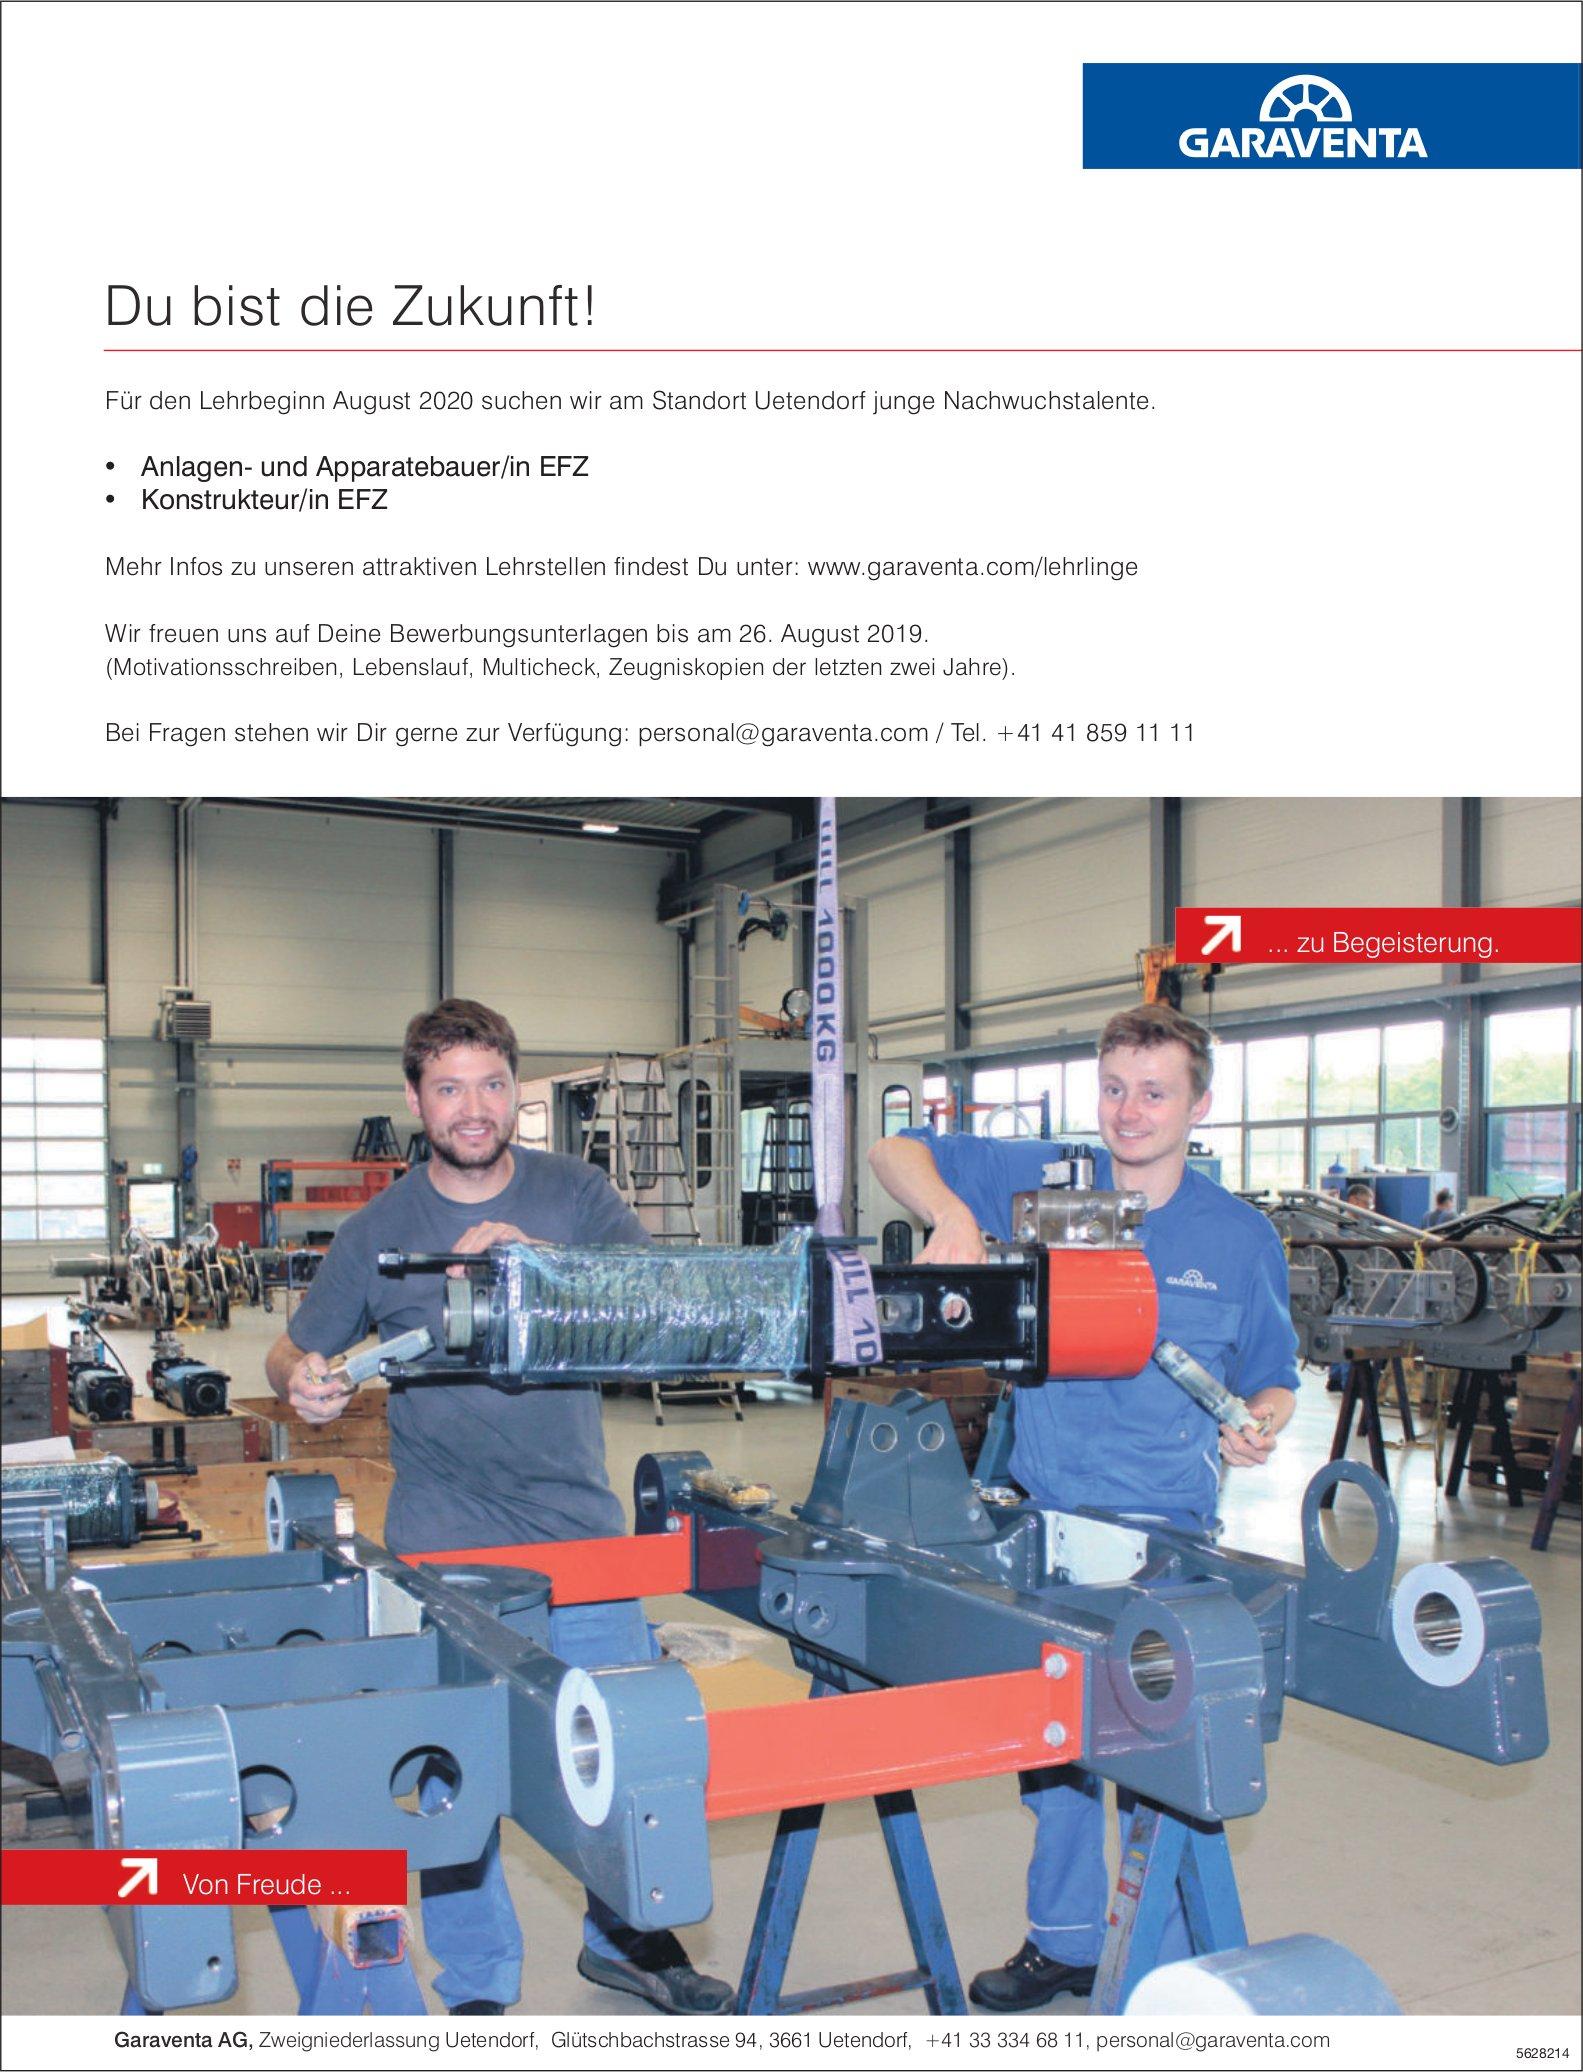 Lehrstellen als Anlagen- und Apparatebauer/in EFZ  / Konstrukteur/in EFZ bei Garaventa zu besetzen